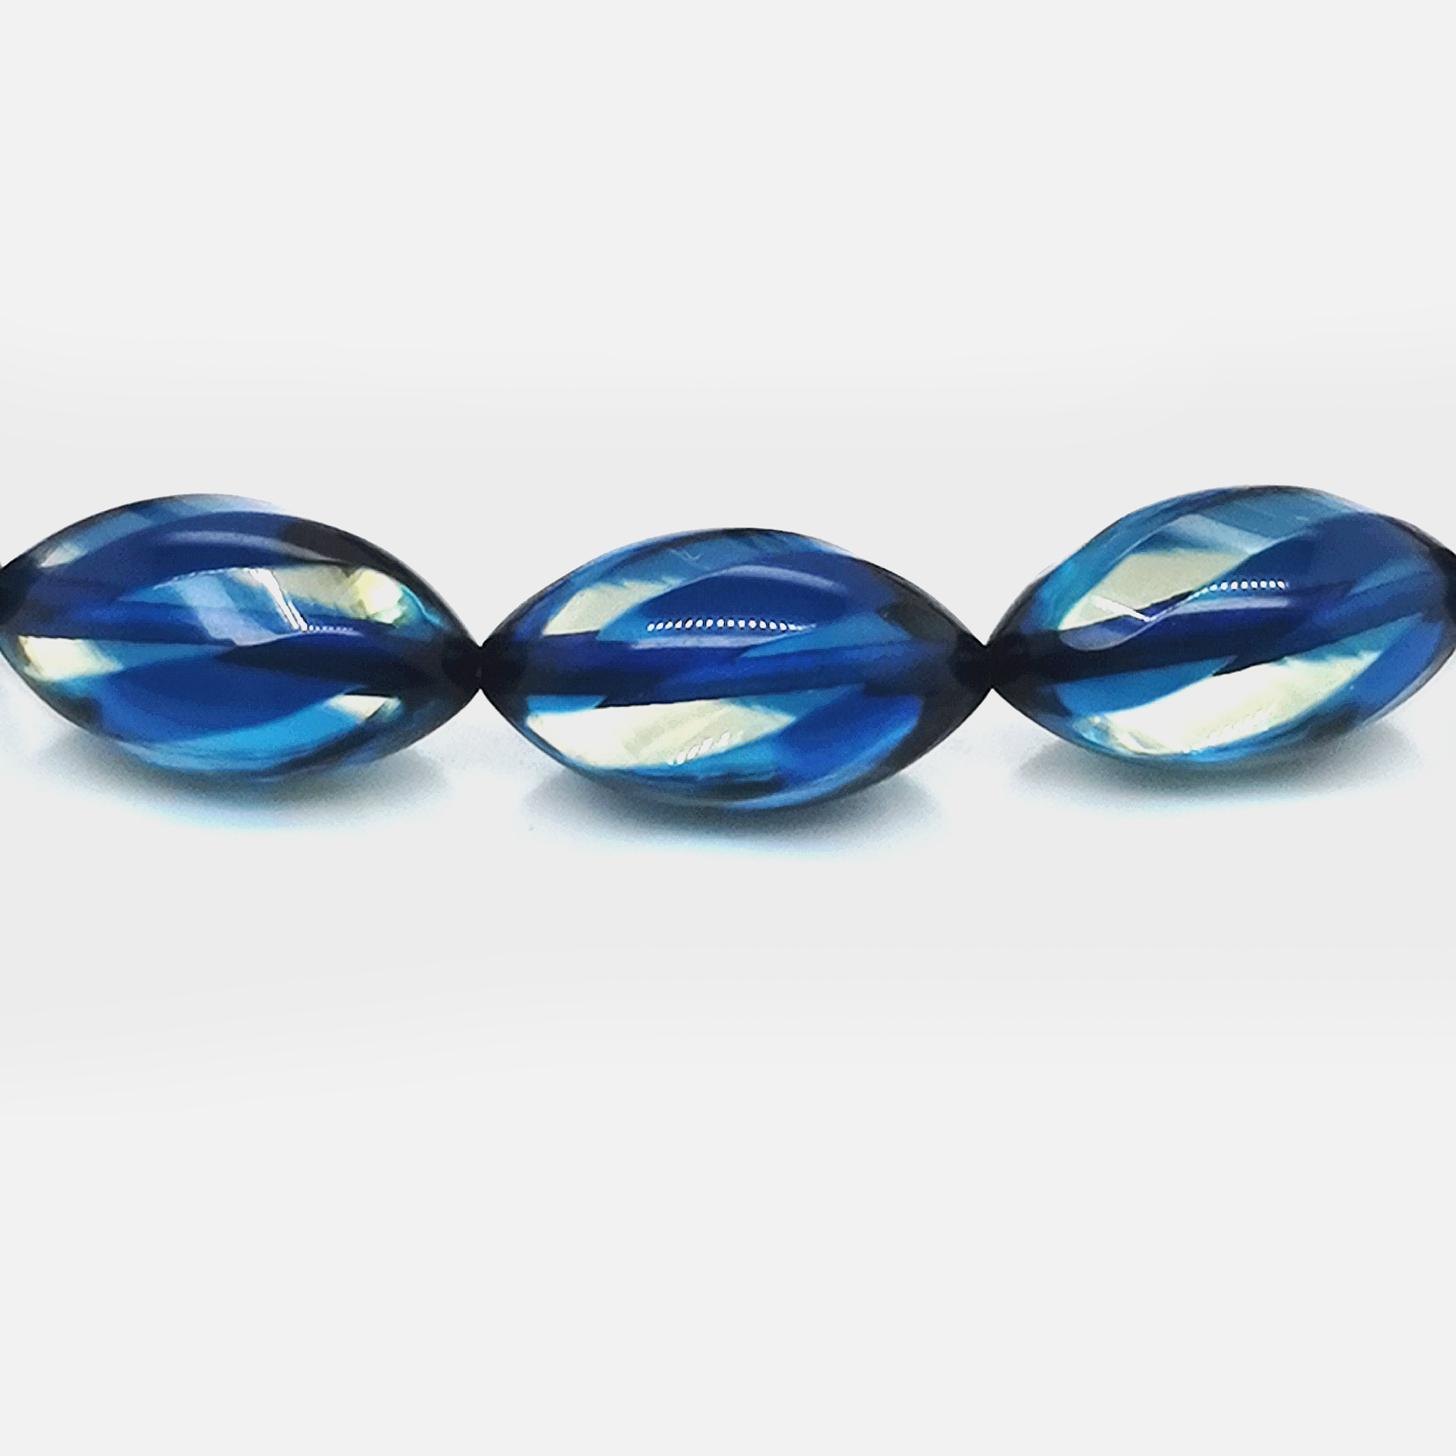 Bernstein / Copal beh. blau gesamt ca. 85 ct  Edelstein Collier Karabinerverschluss 375 Gelbgold, Sogni d´oro